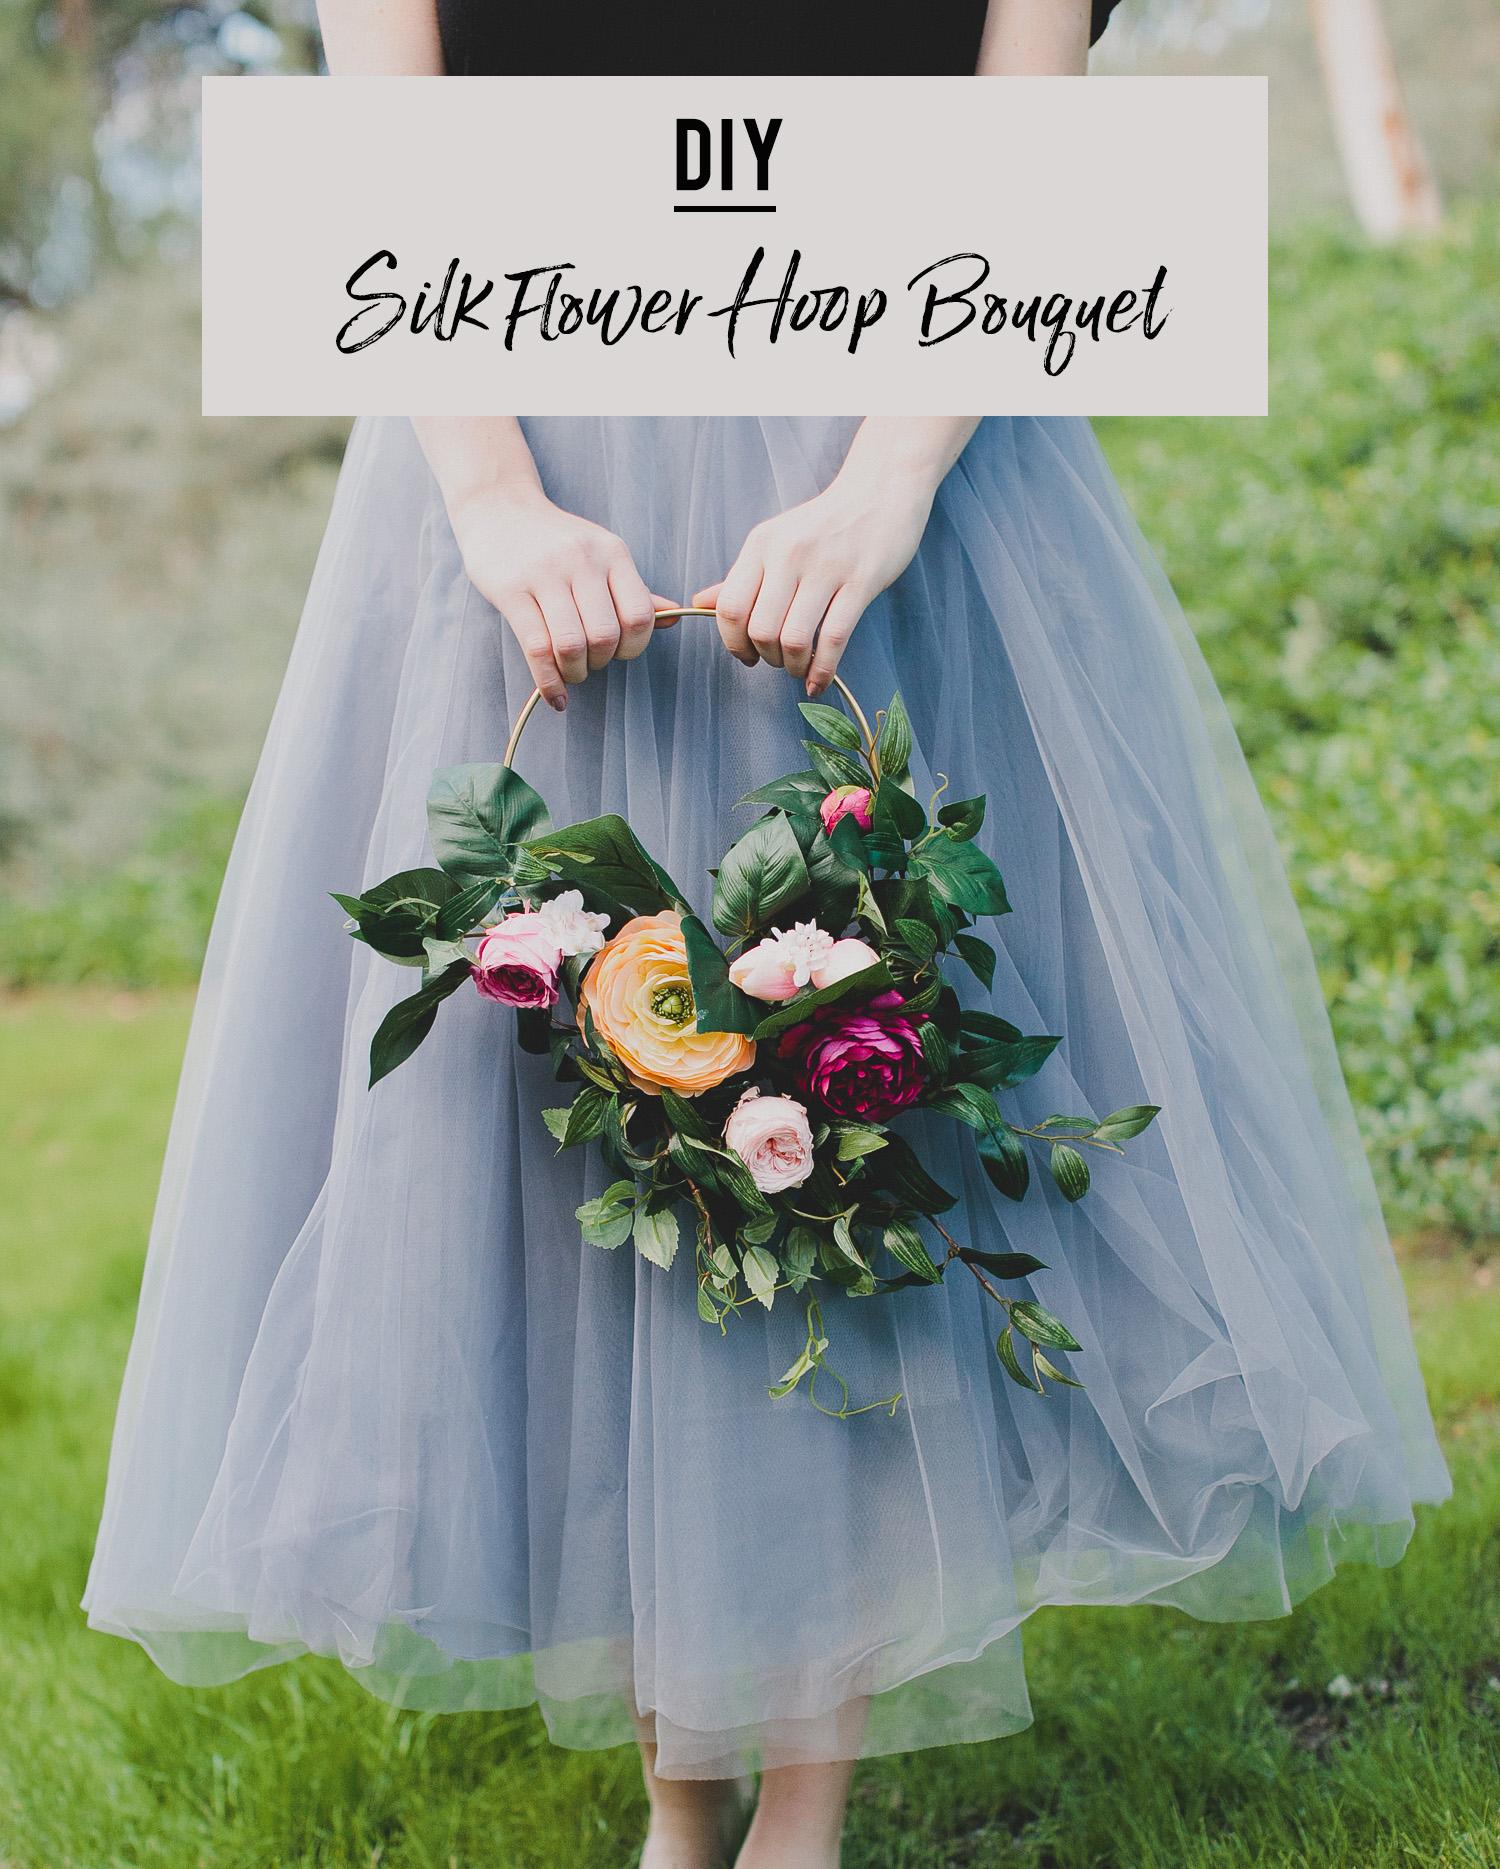 DIY Silk Flower Hoop Bouquet